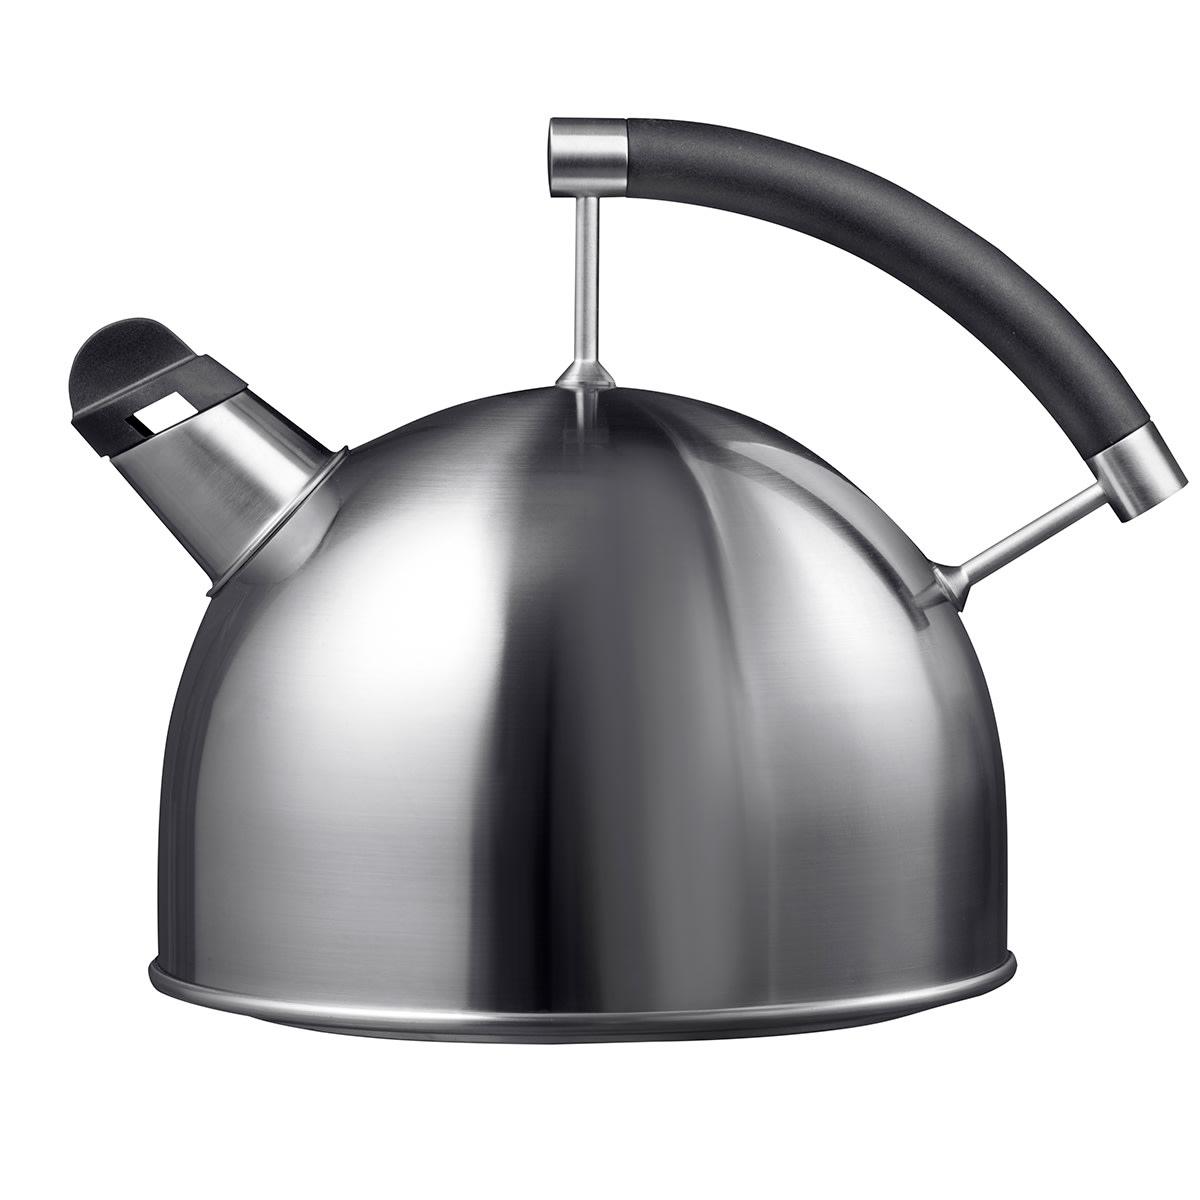 1,7 liter - Kan anvendes på alle varmekilder